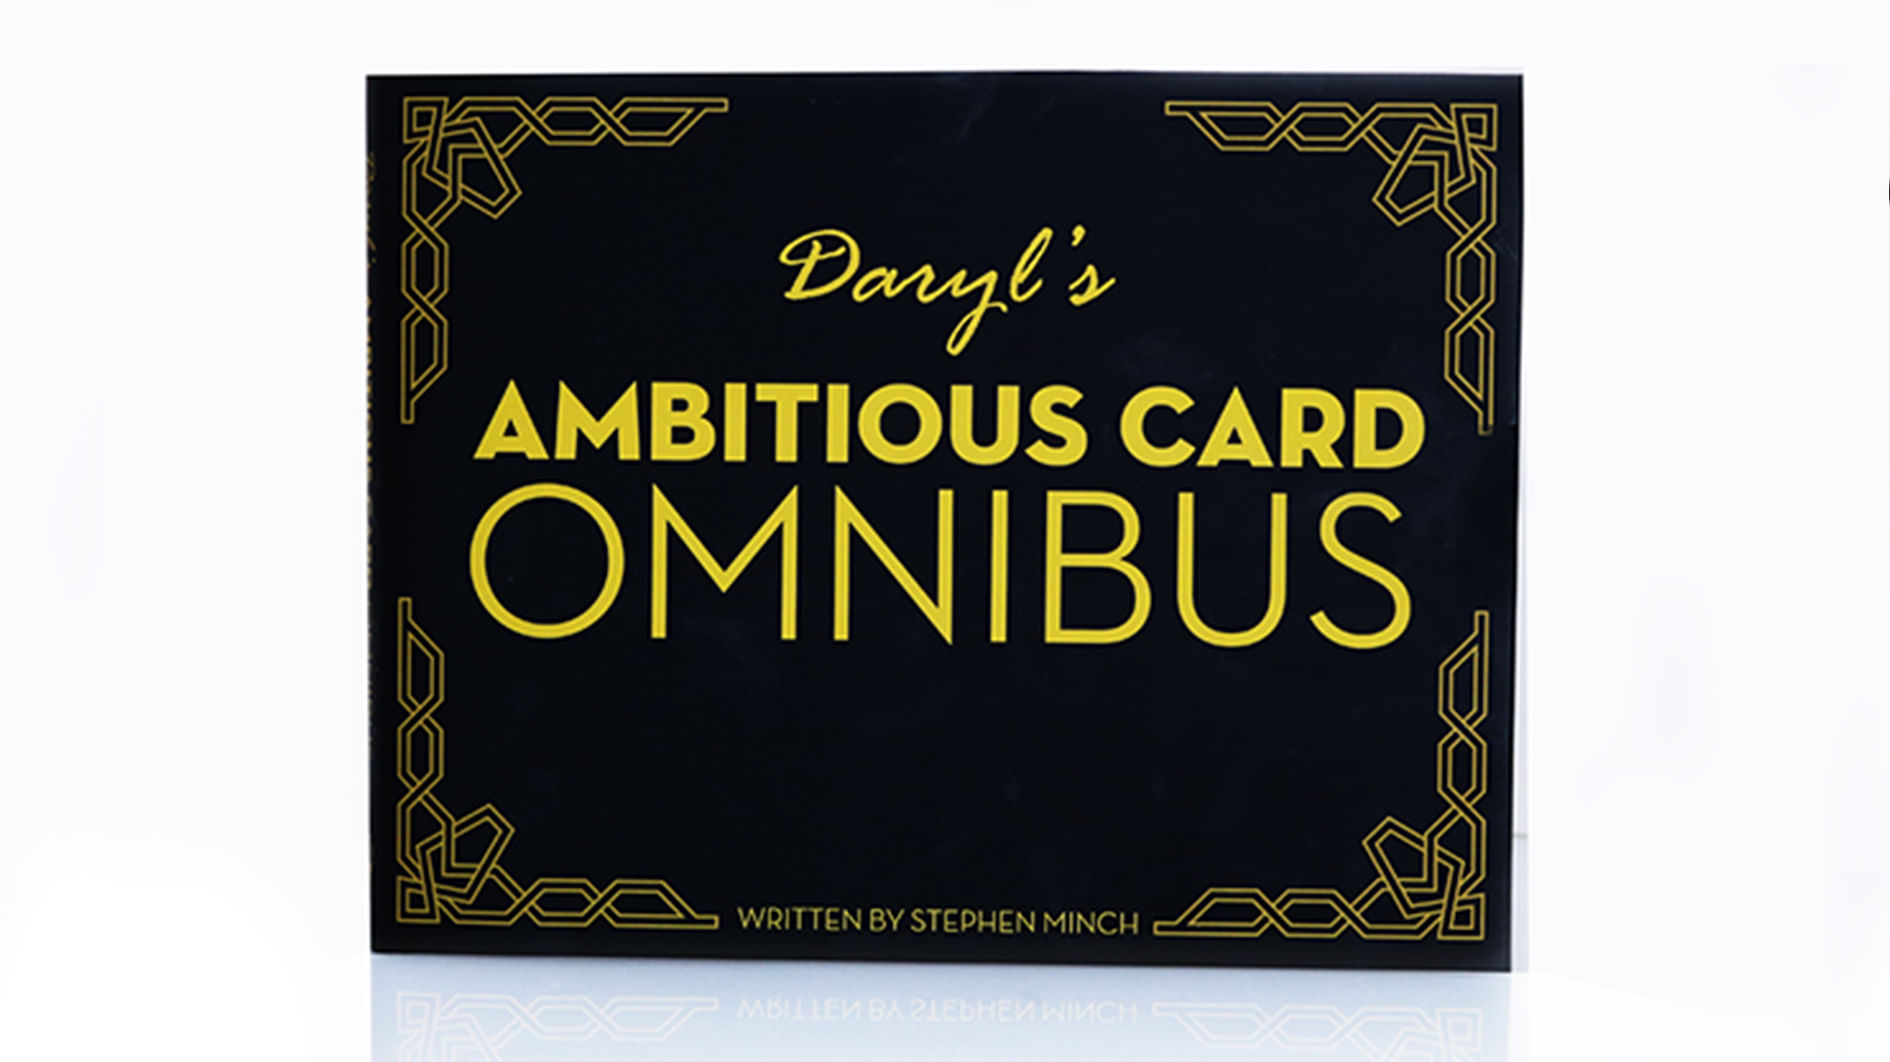 Ambitious Card Omnibus